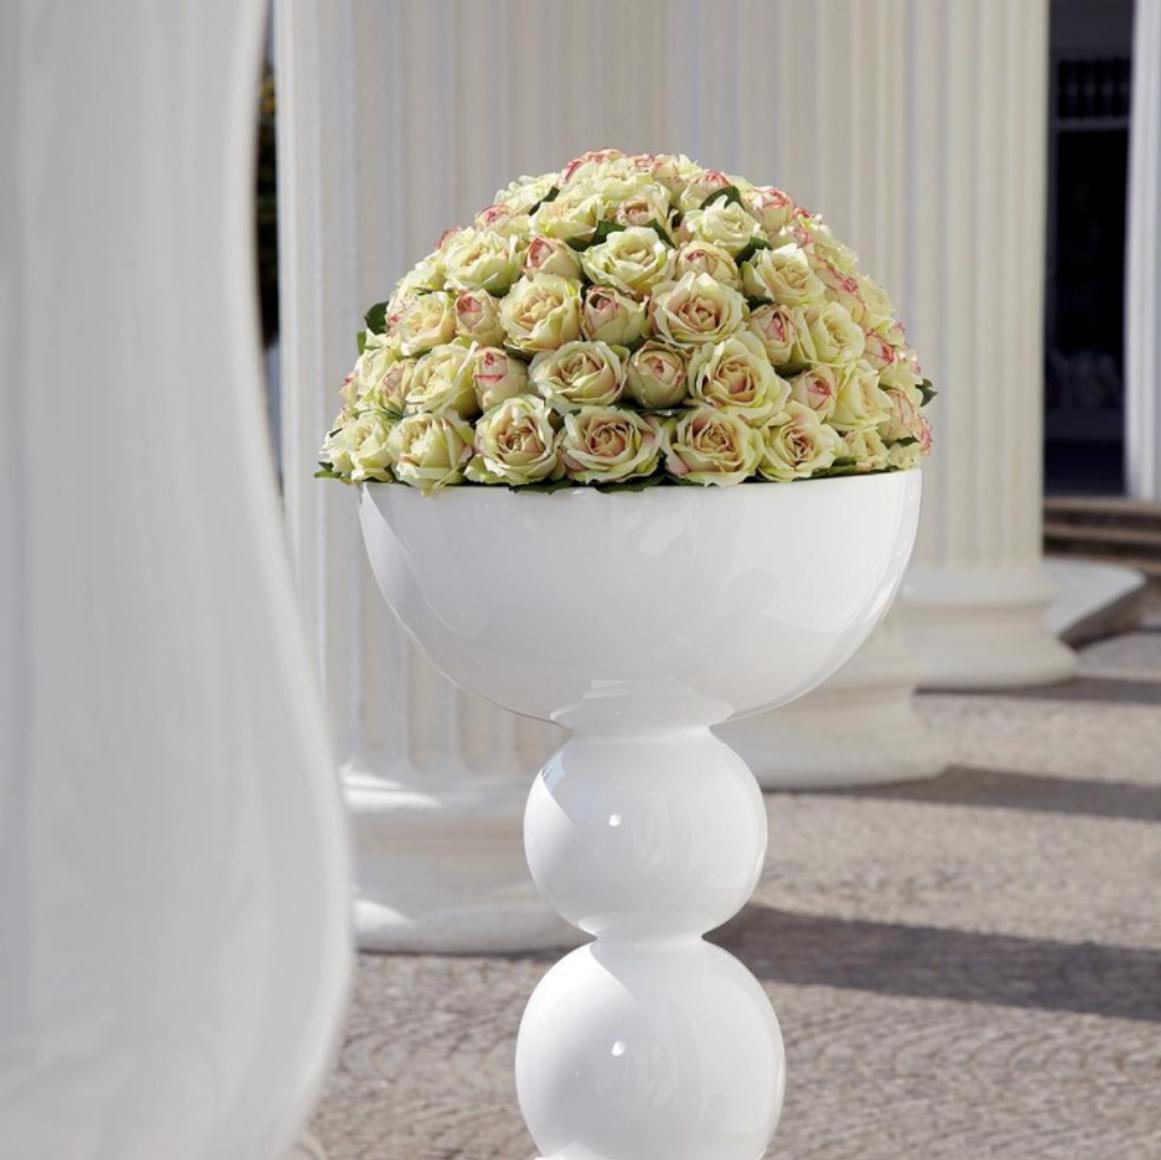 Large white vase - H137 cm